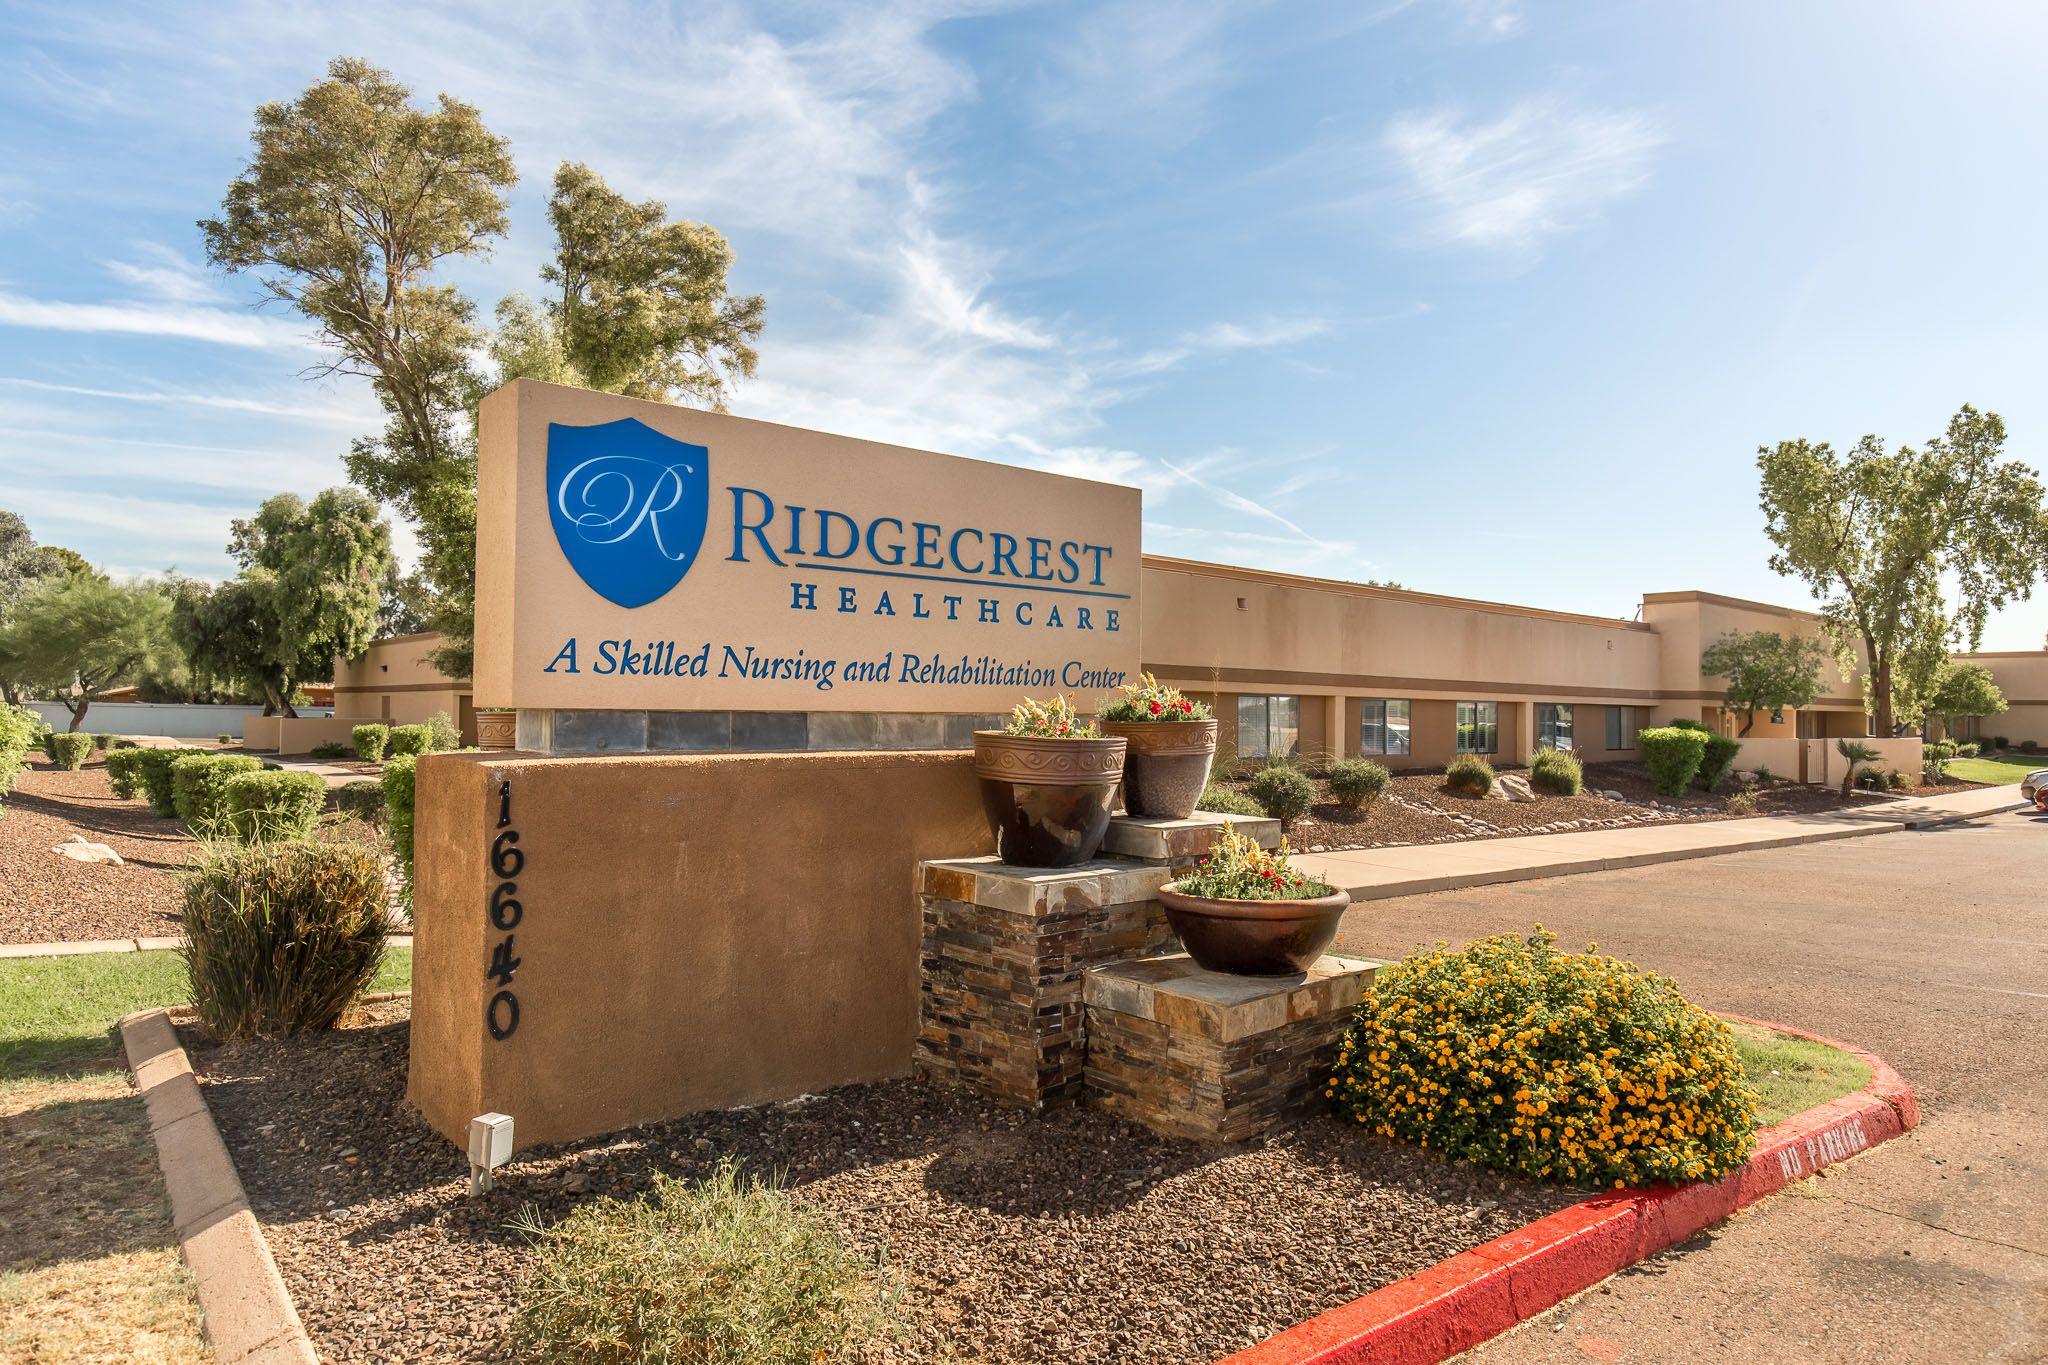 Ridgecrest Healthcare